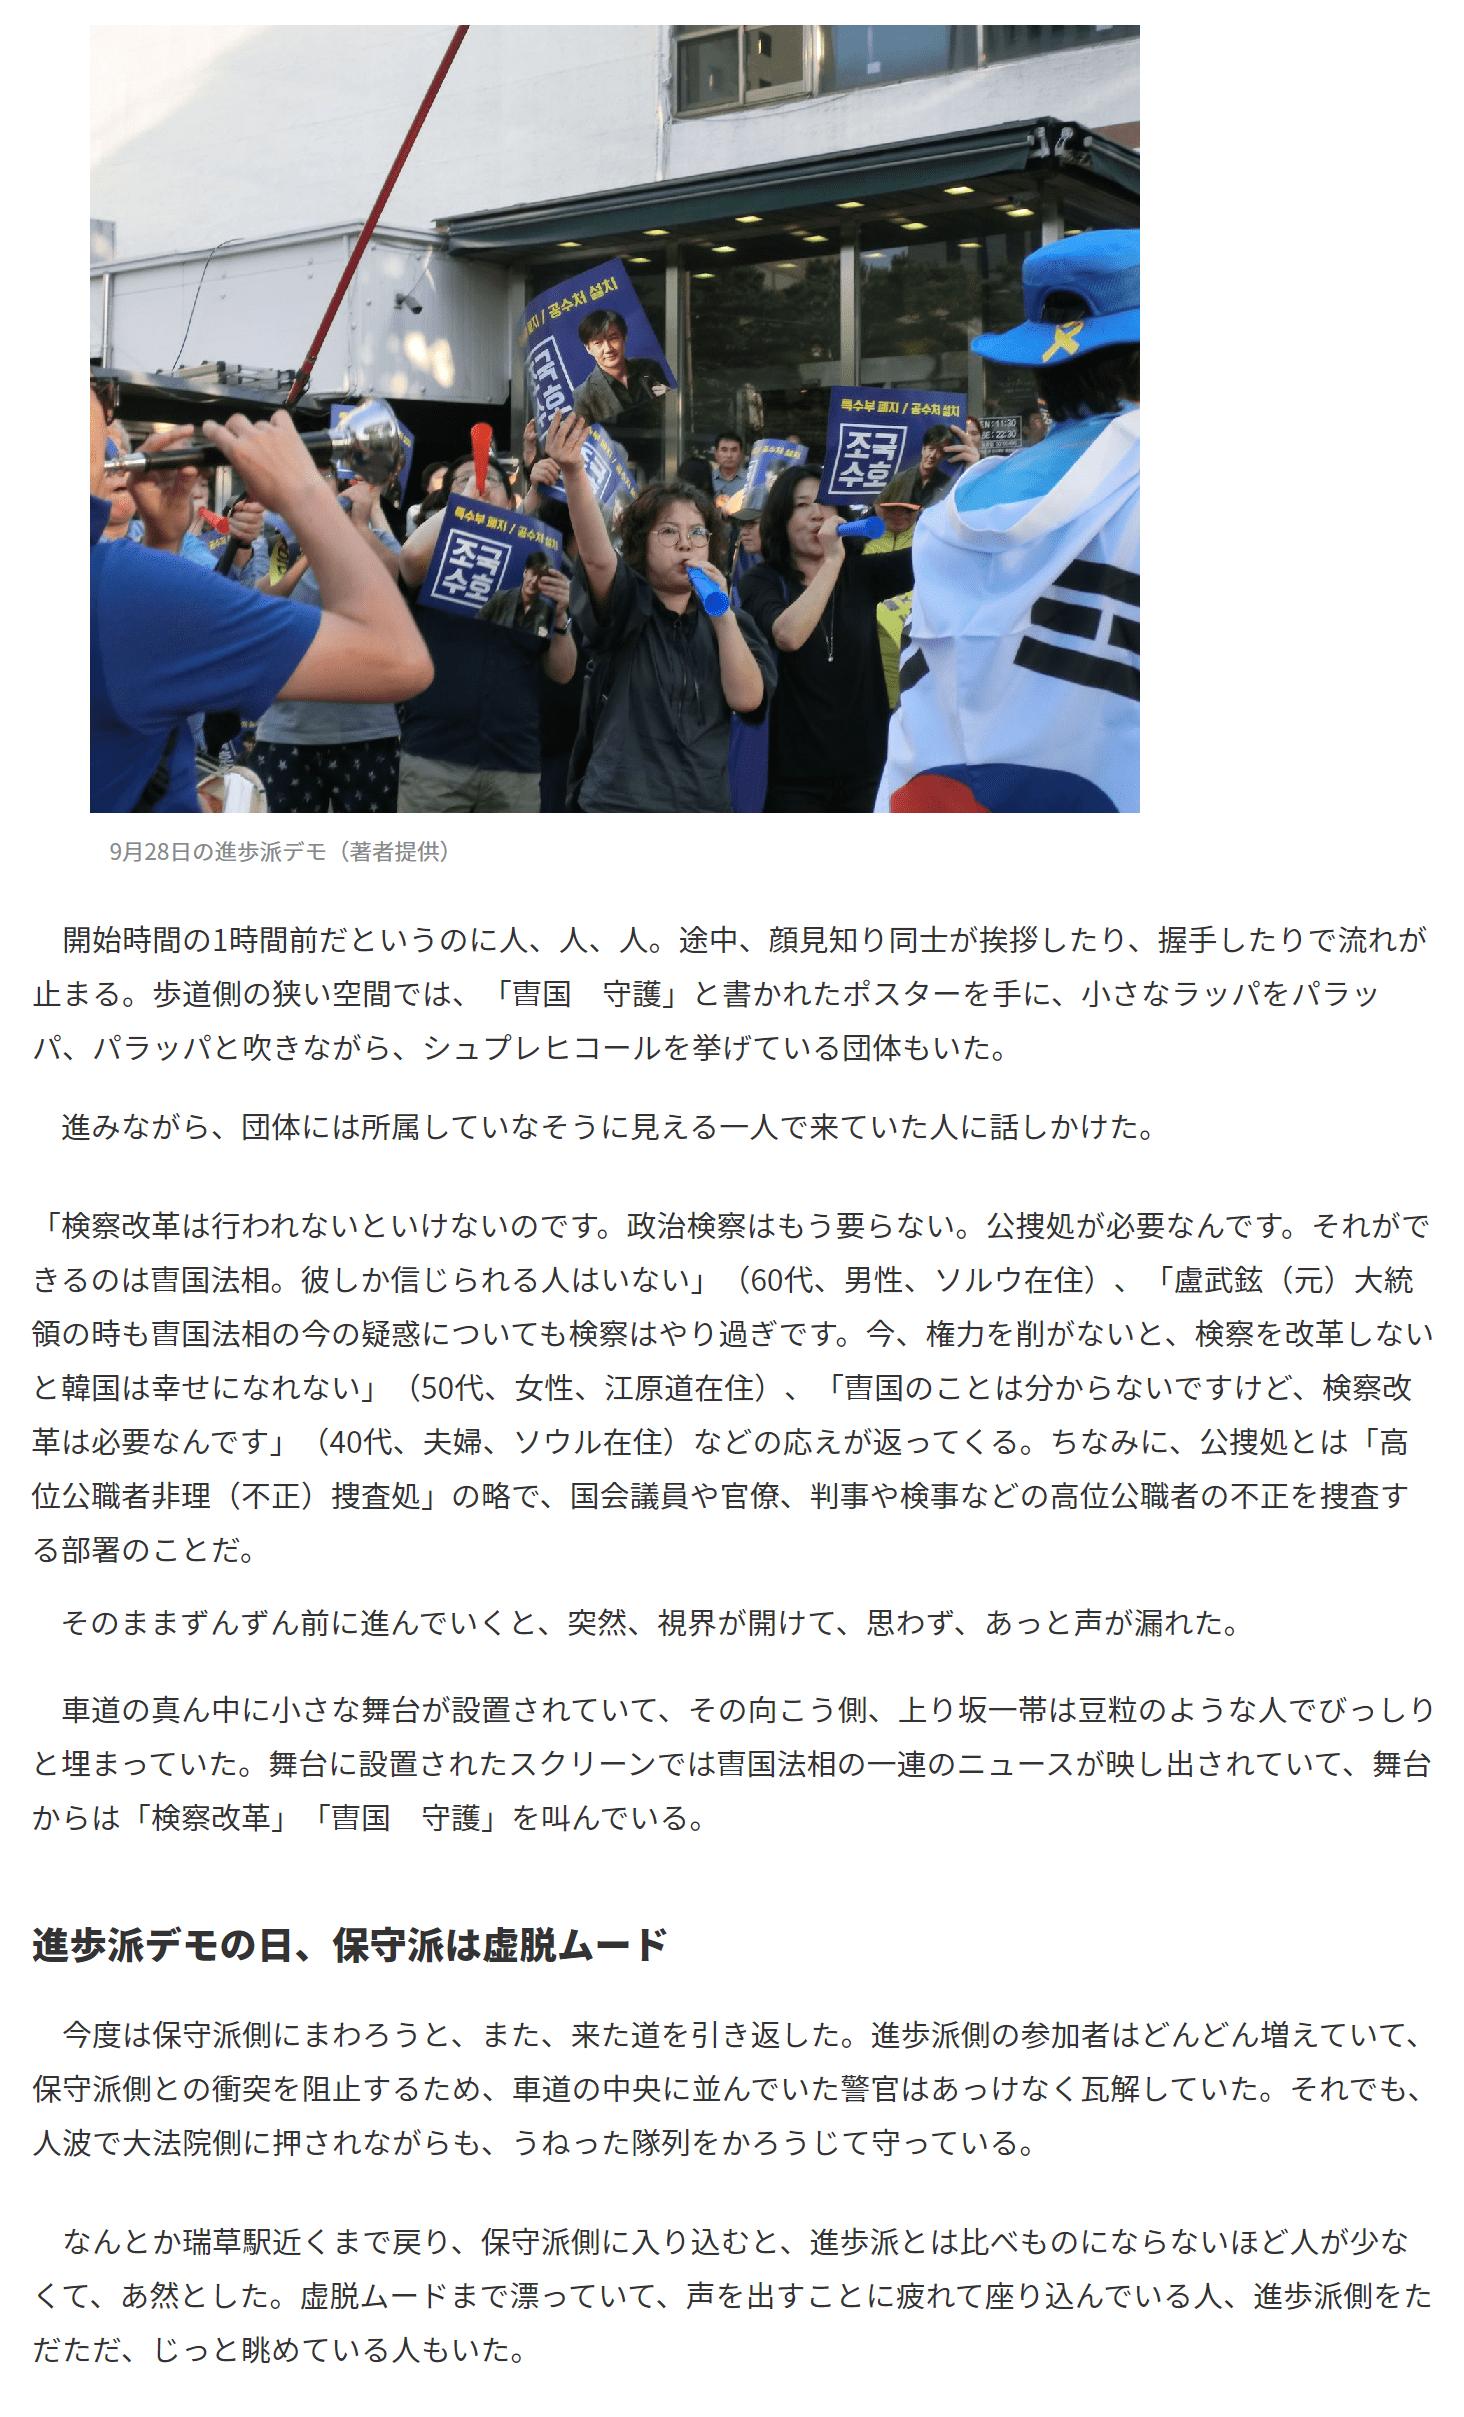 ブンザイ寅とタマネギ男辞めろデモが朴婆以上の動員2_3 (1)